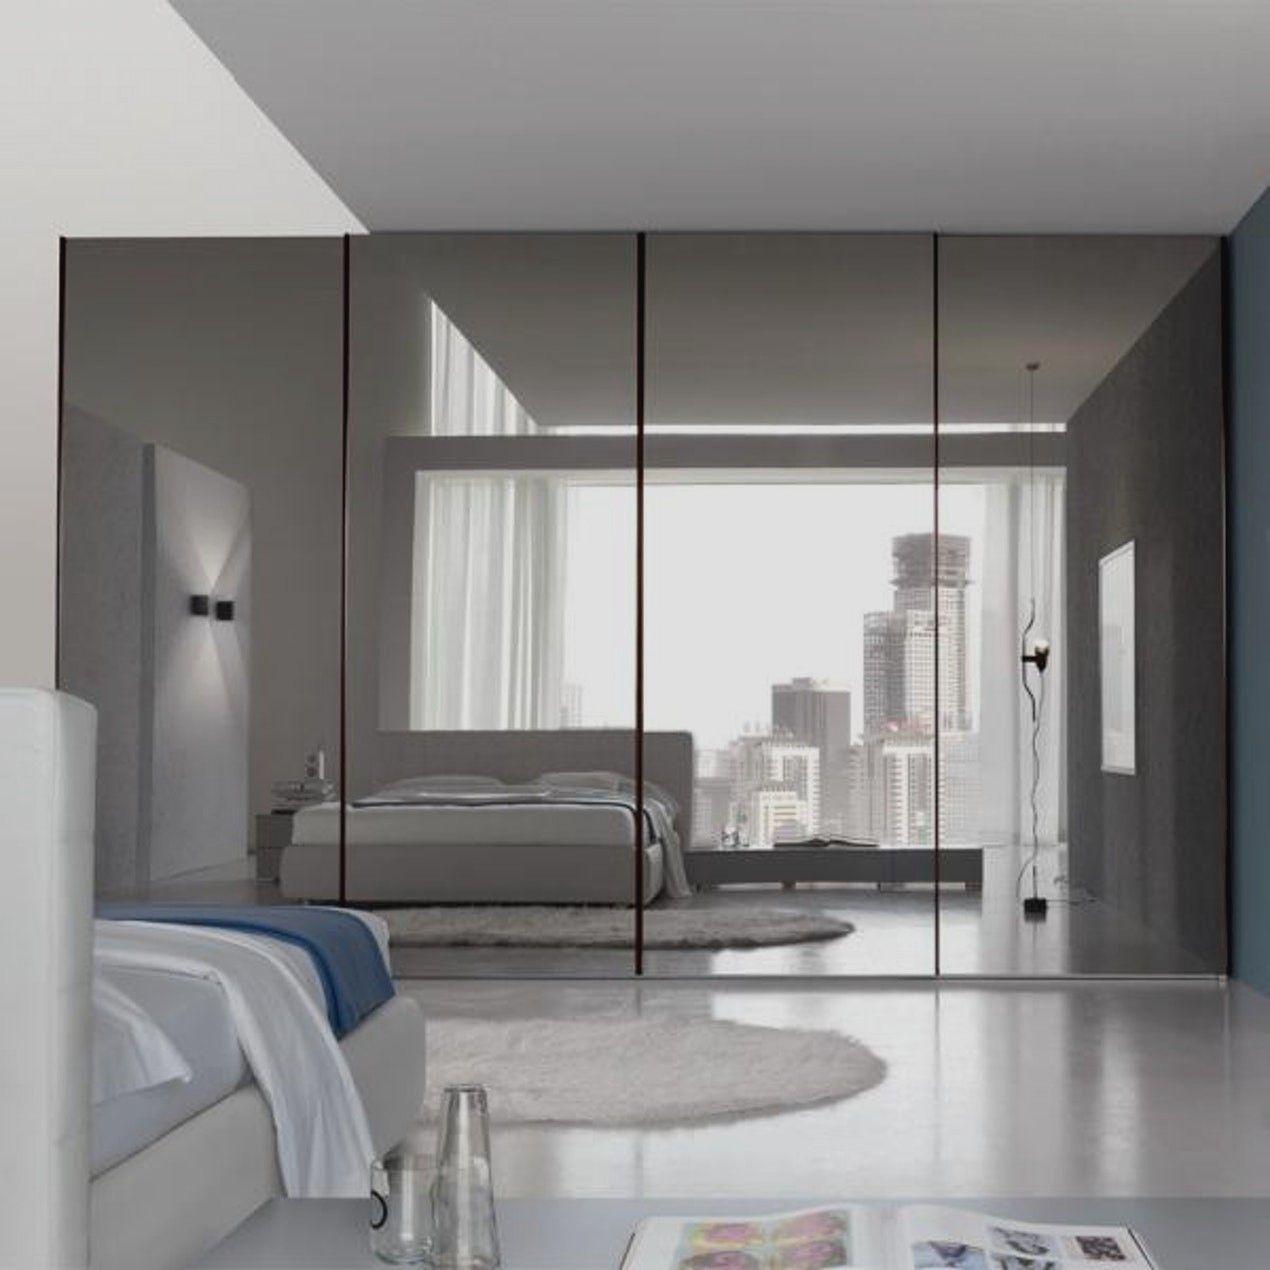 schlafzimmer spiegelschrank  Schlafzimmer wandspiegel